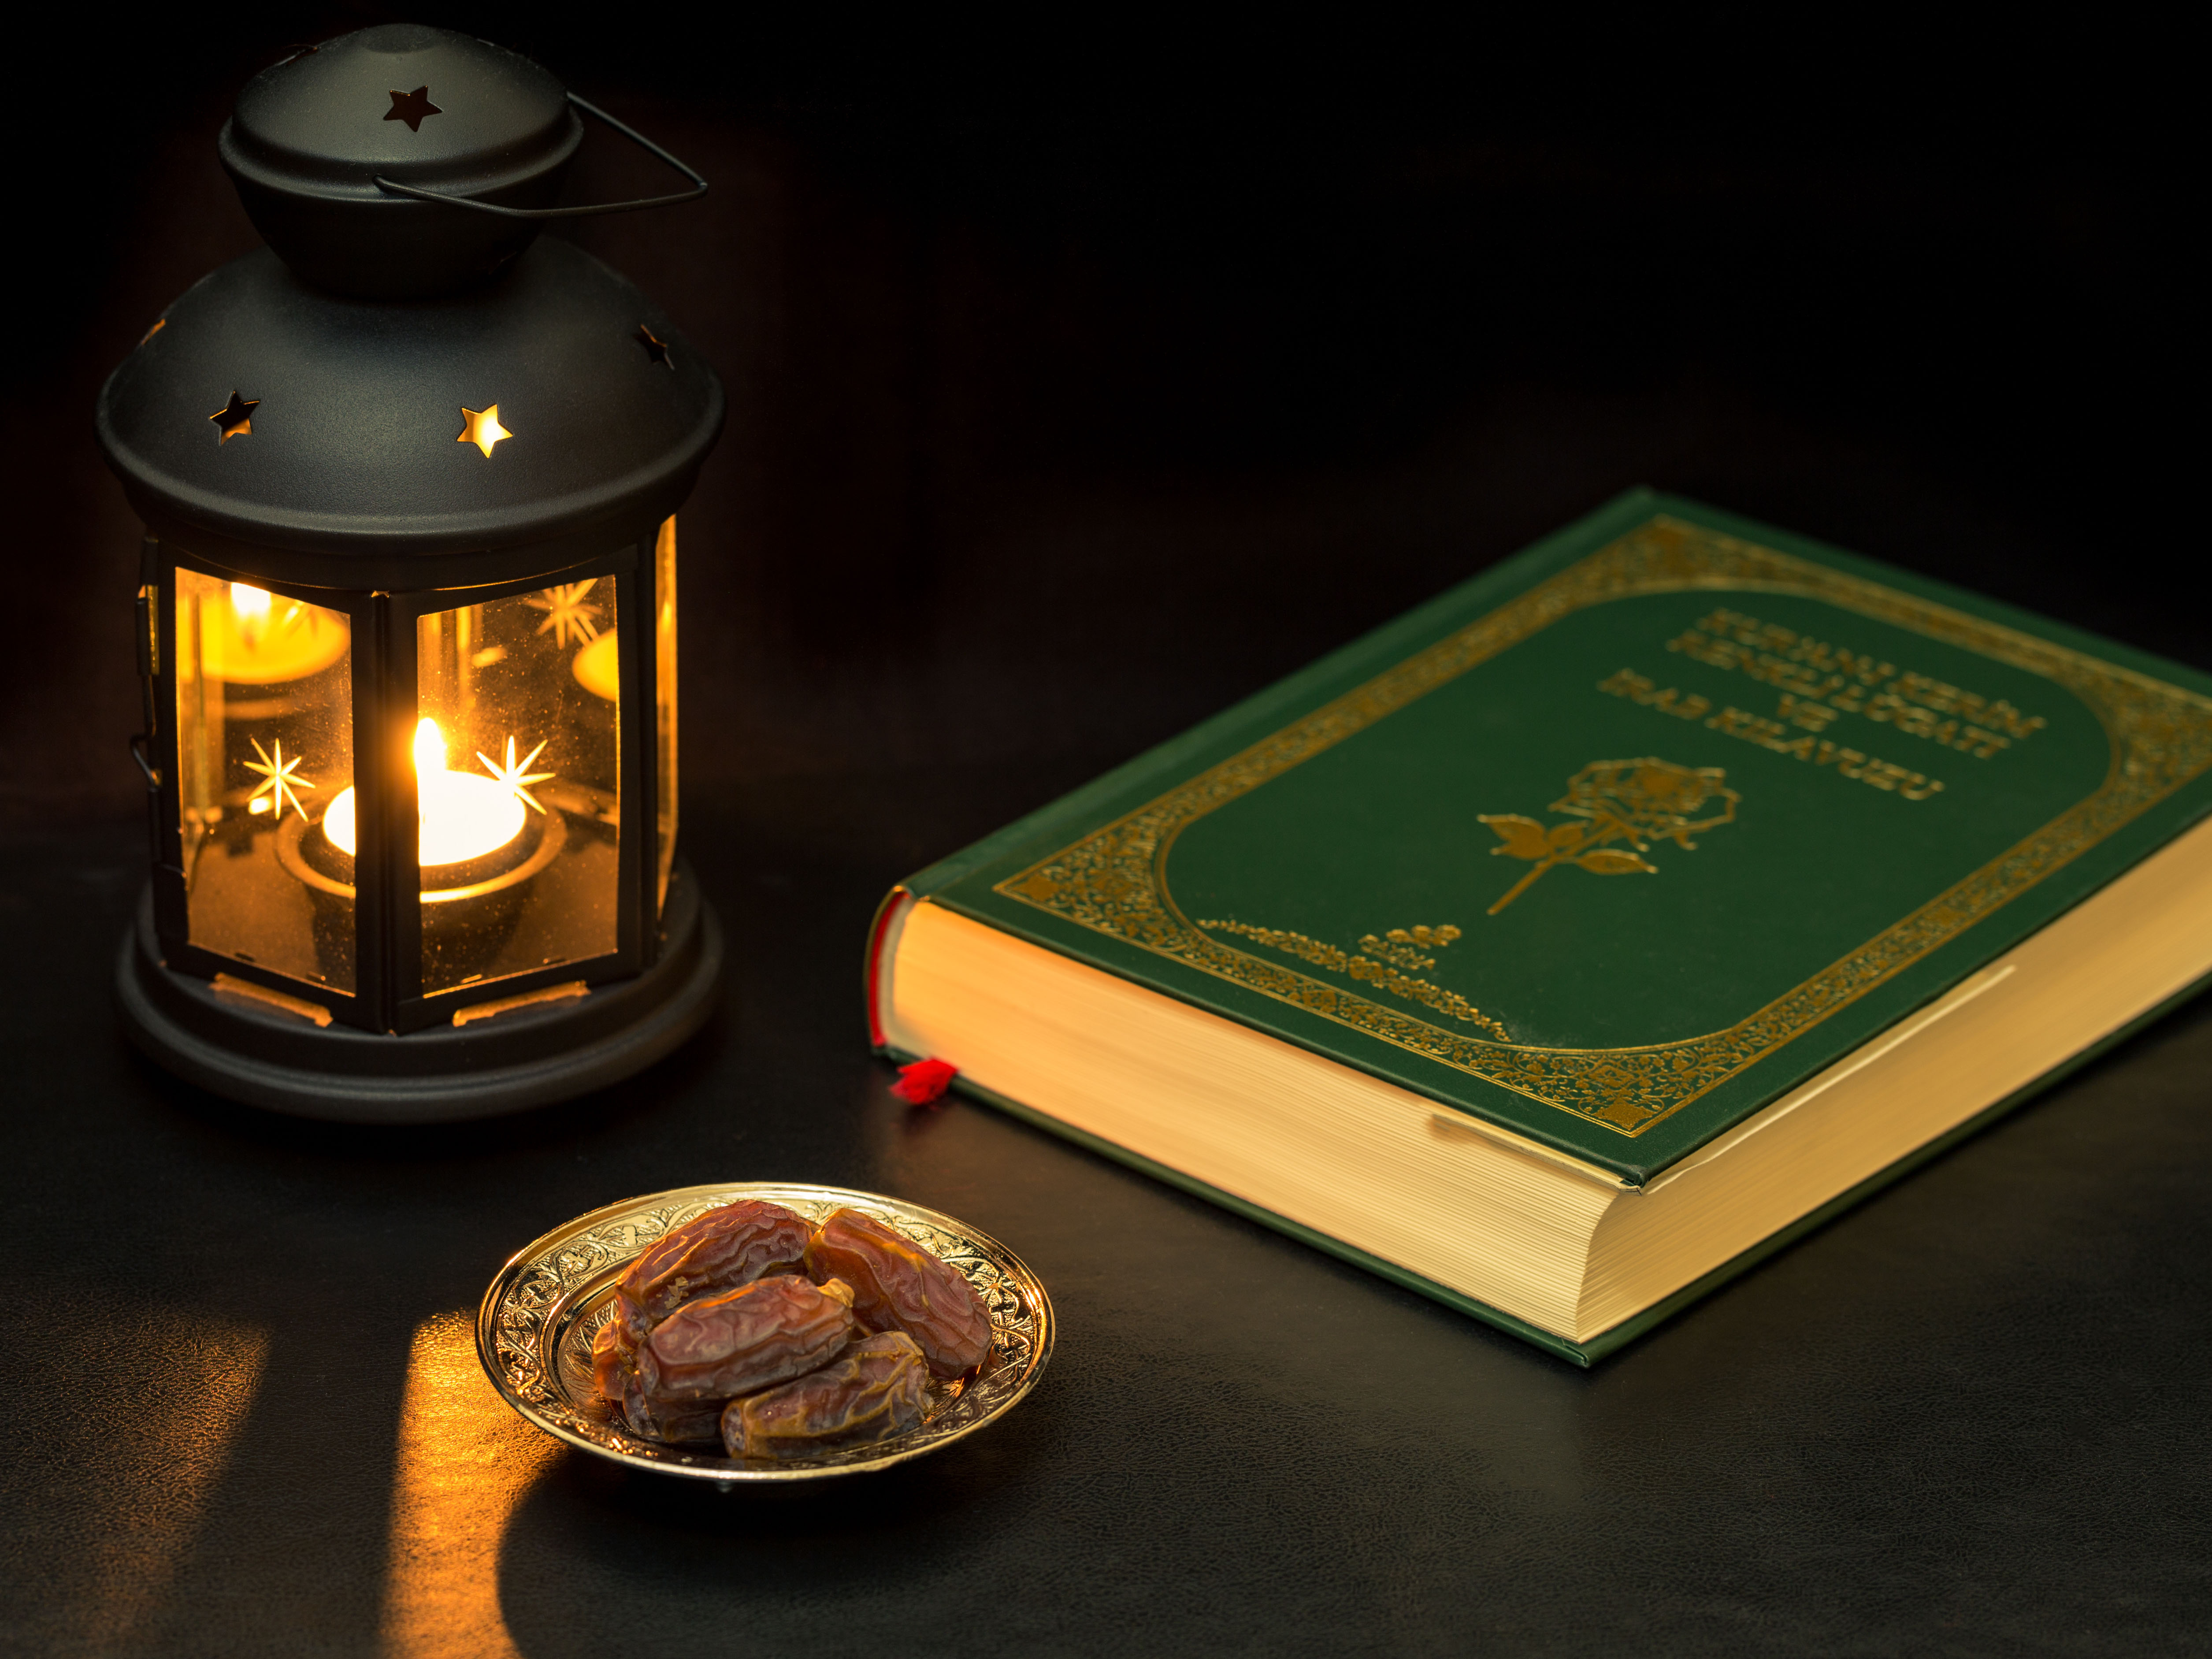 ラマダン断食月のドバイでの生活とは?ラマダンの楽しみ方を紹介